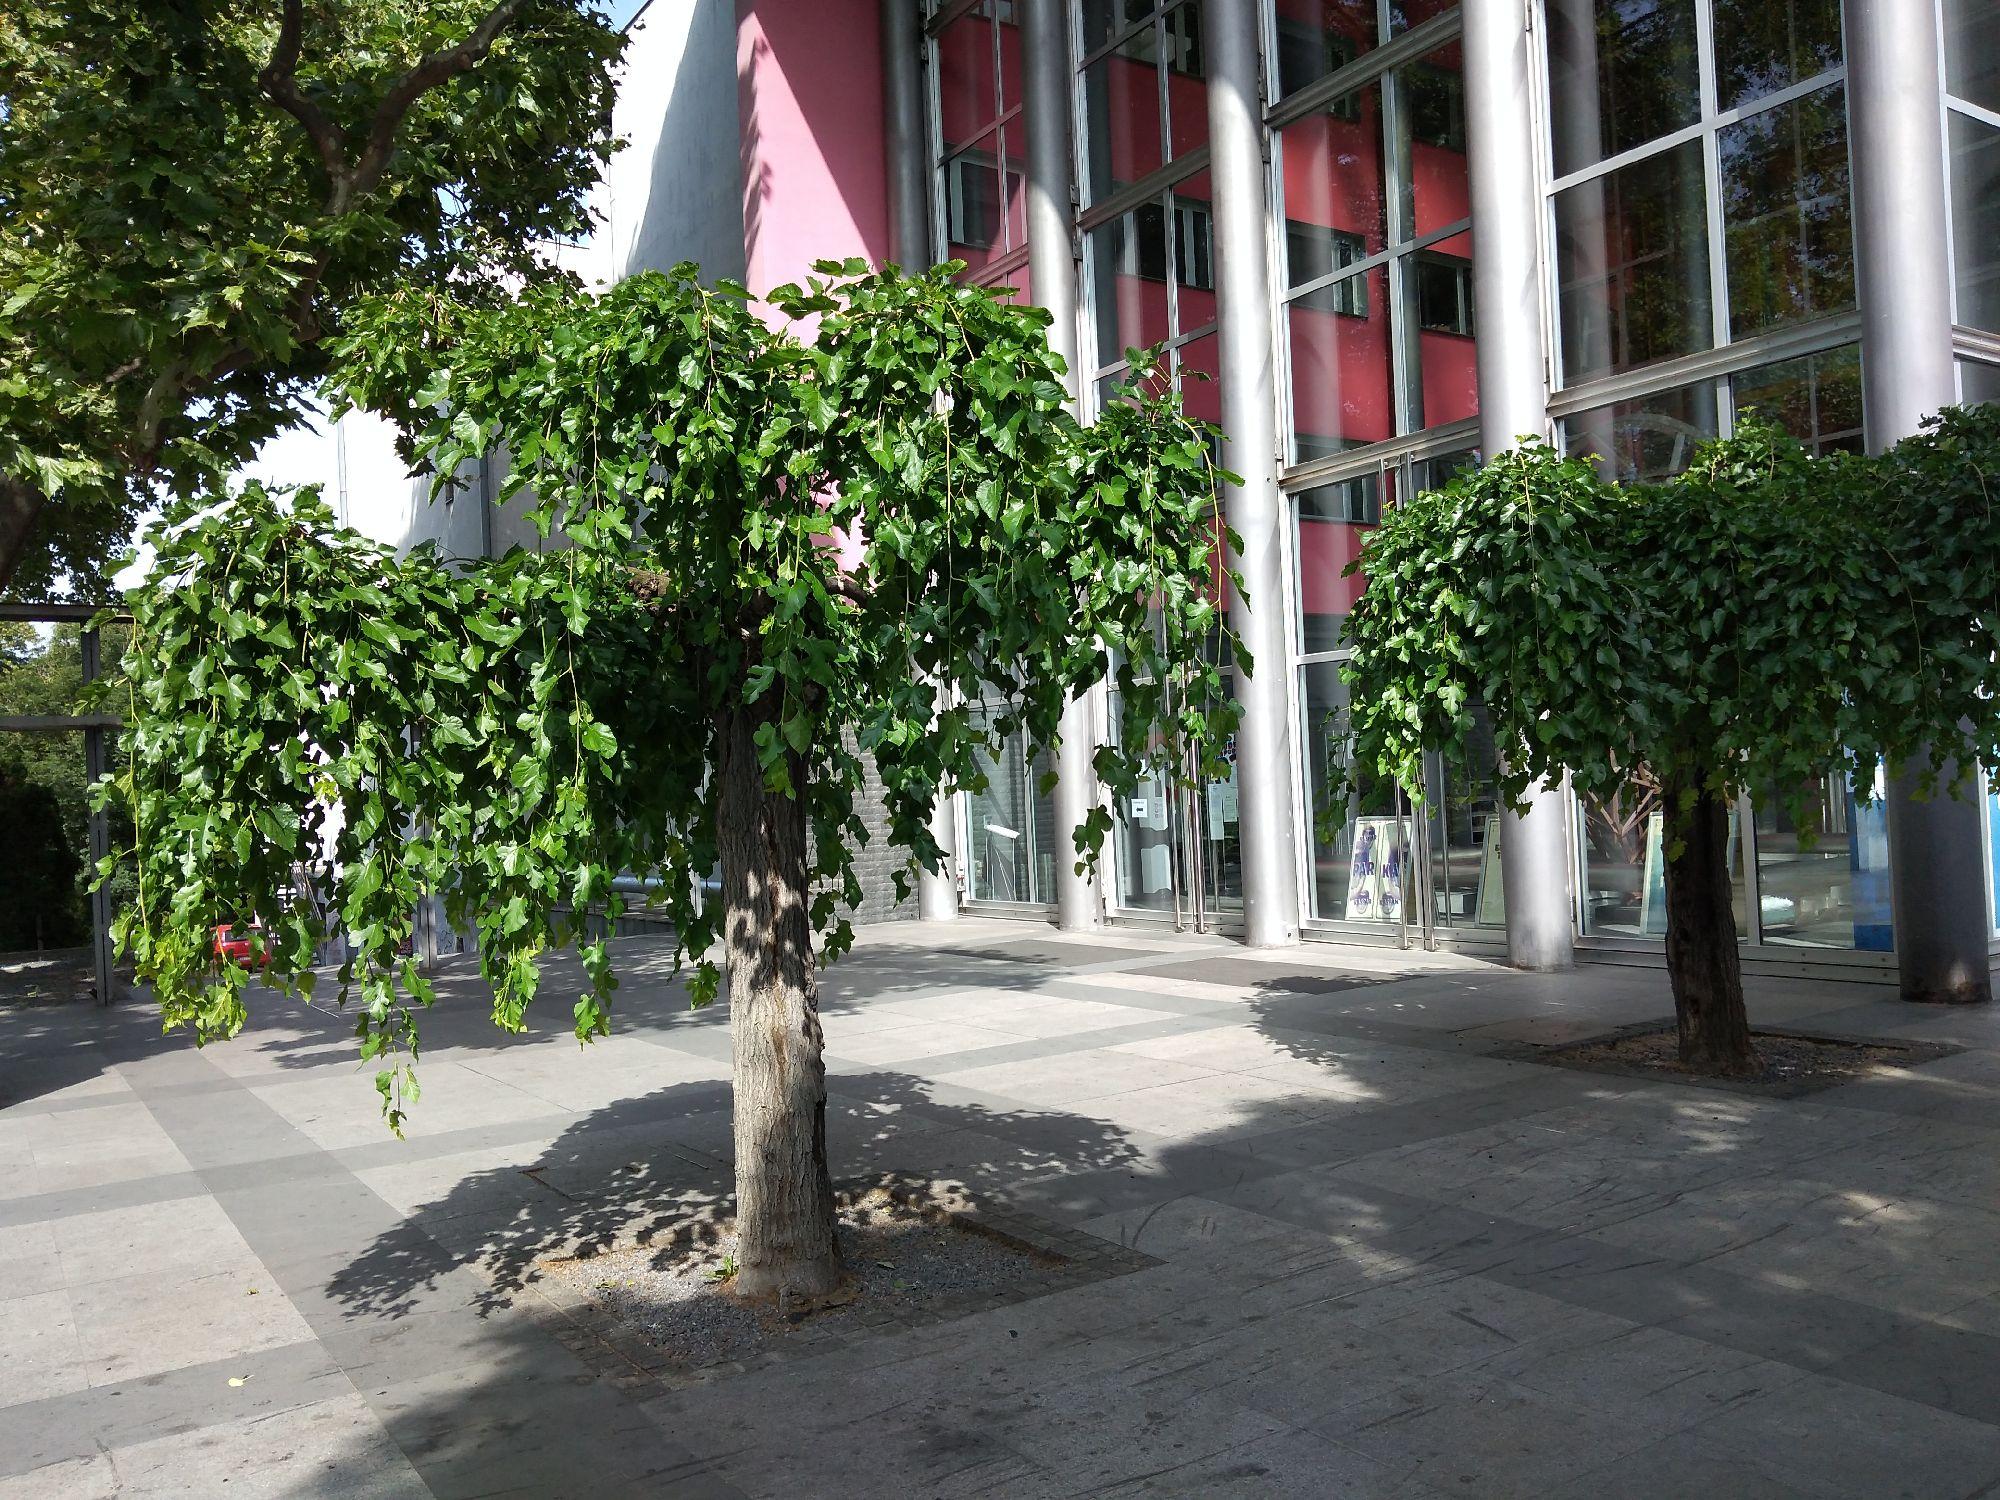 Позориште ЈДП / Театар ЮДТ (Югославский драматический театр)